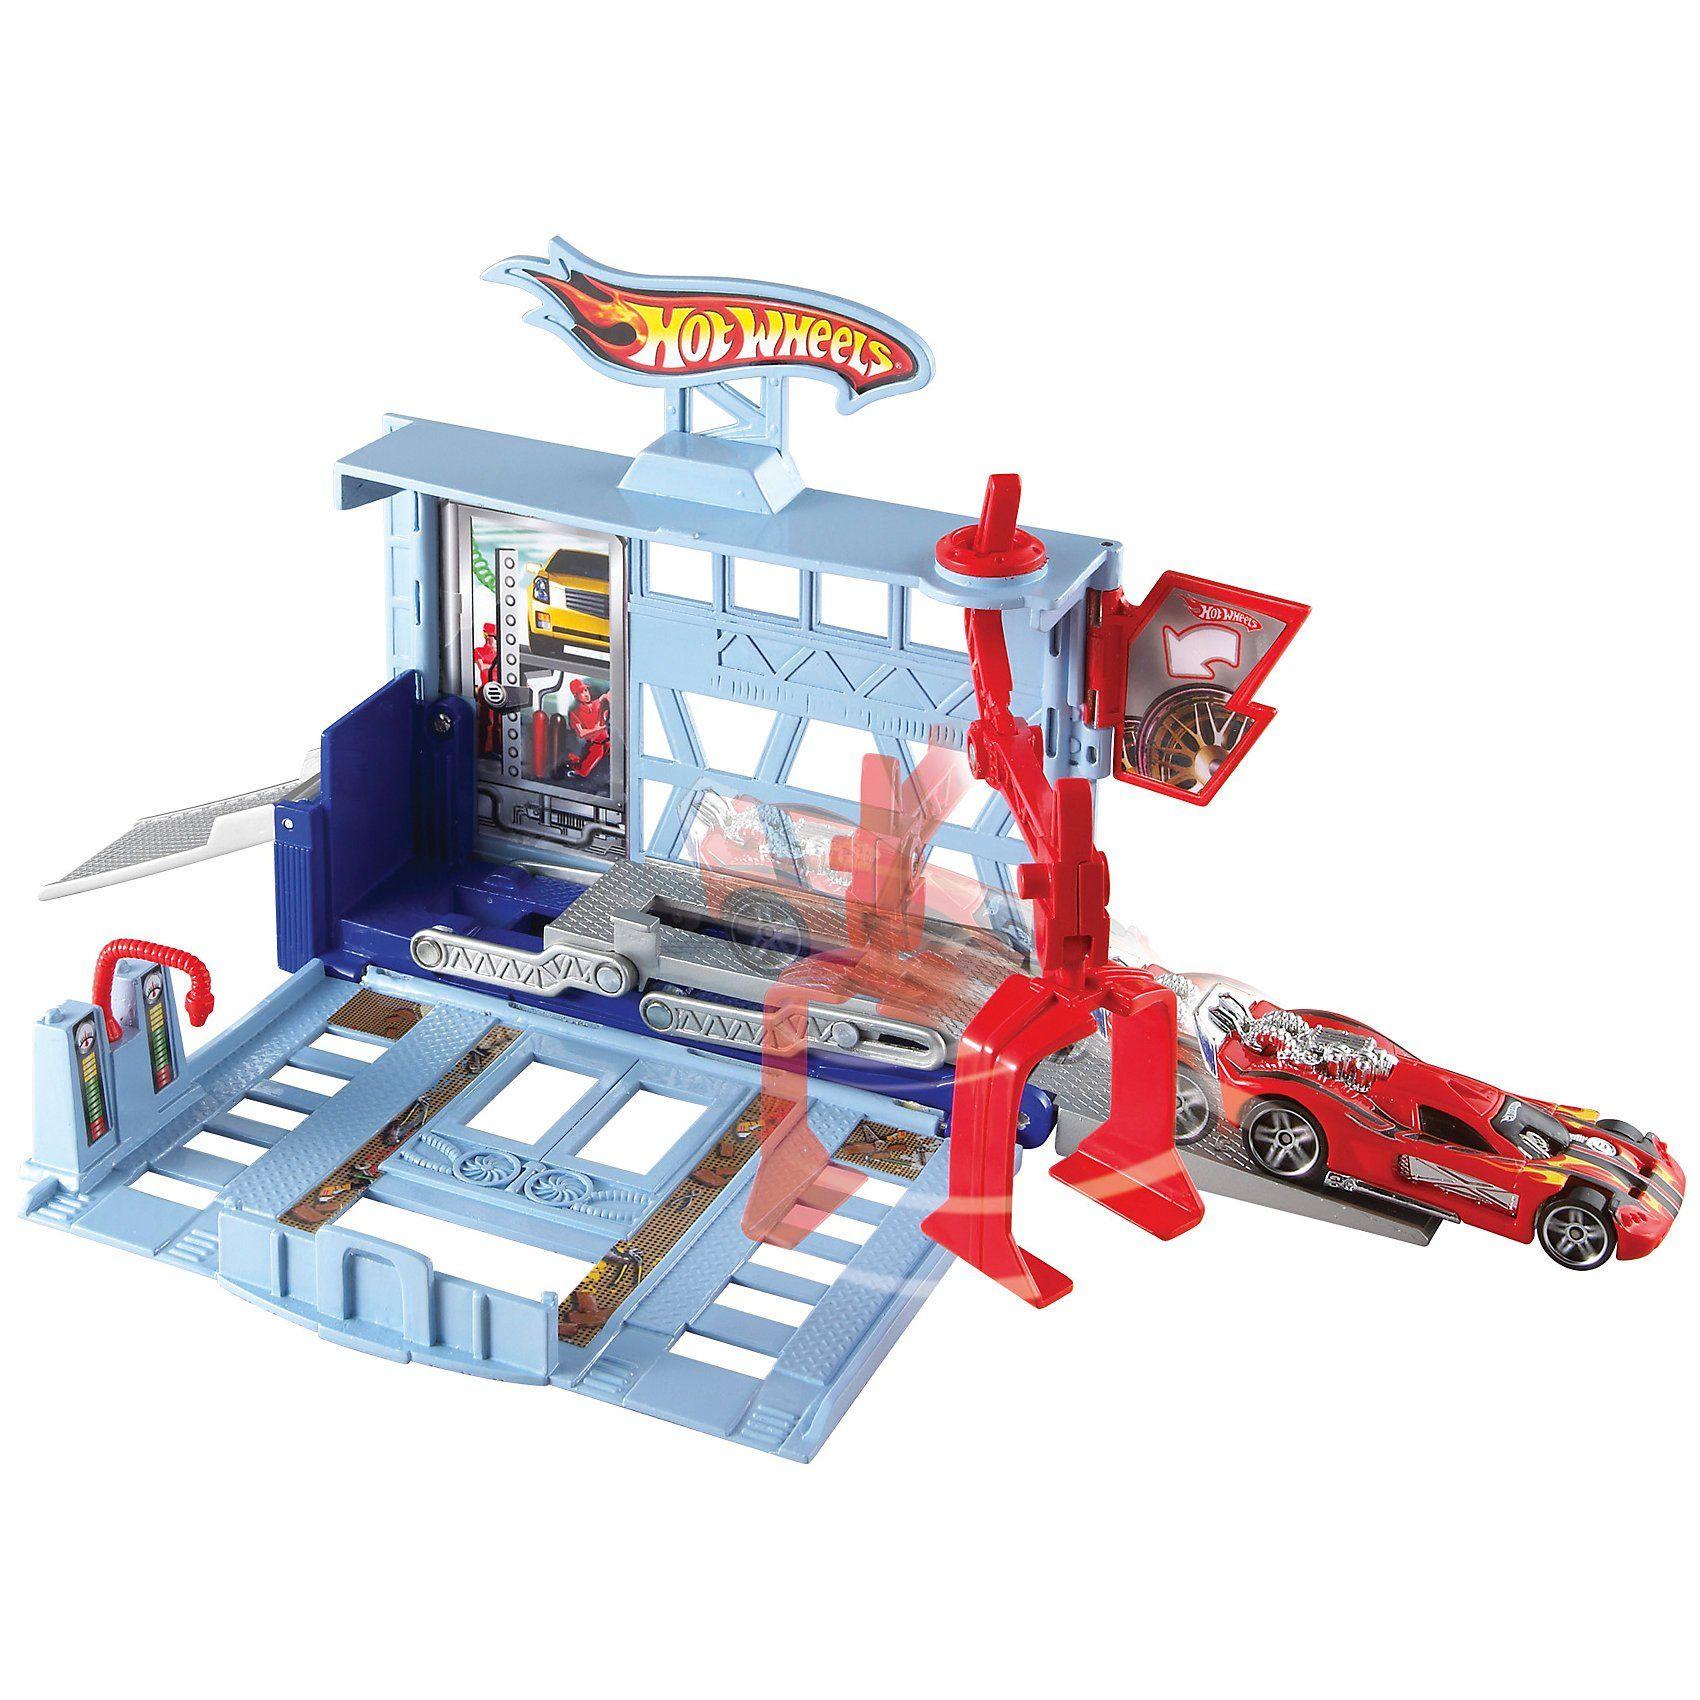 Hot Wheels Garage 7642